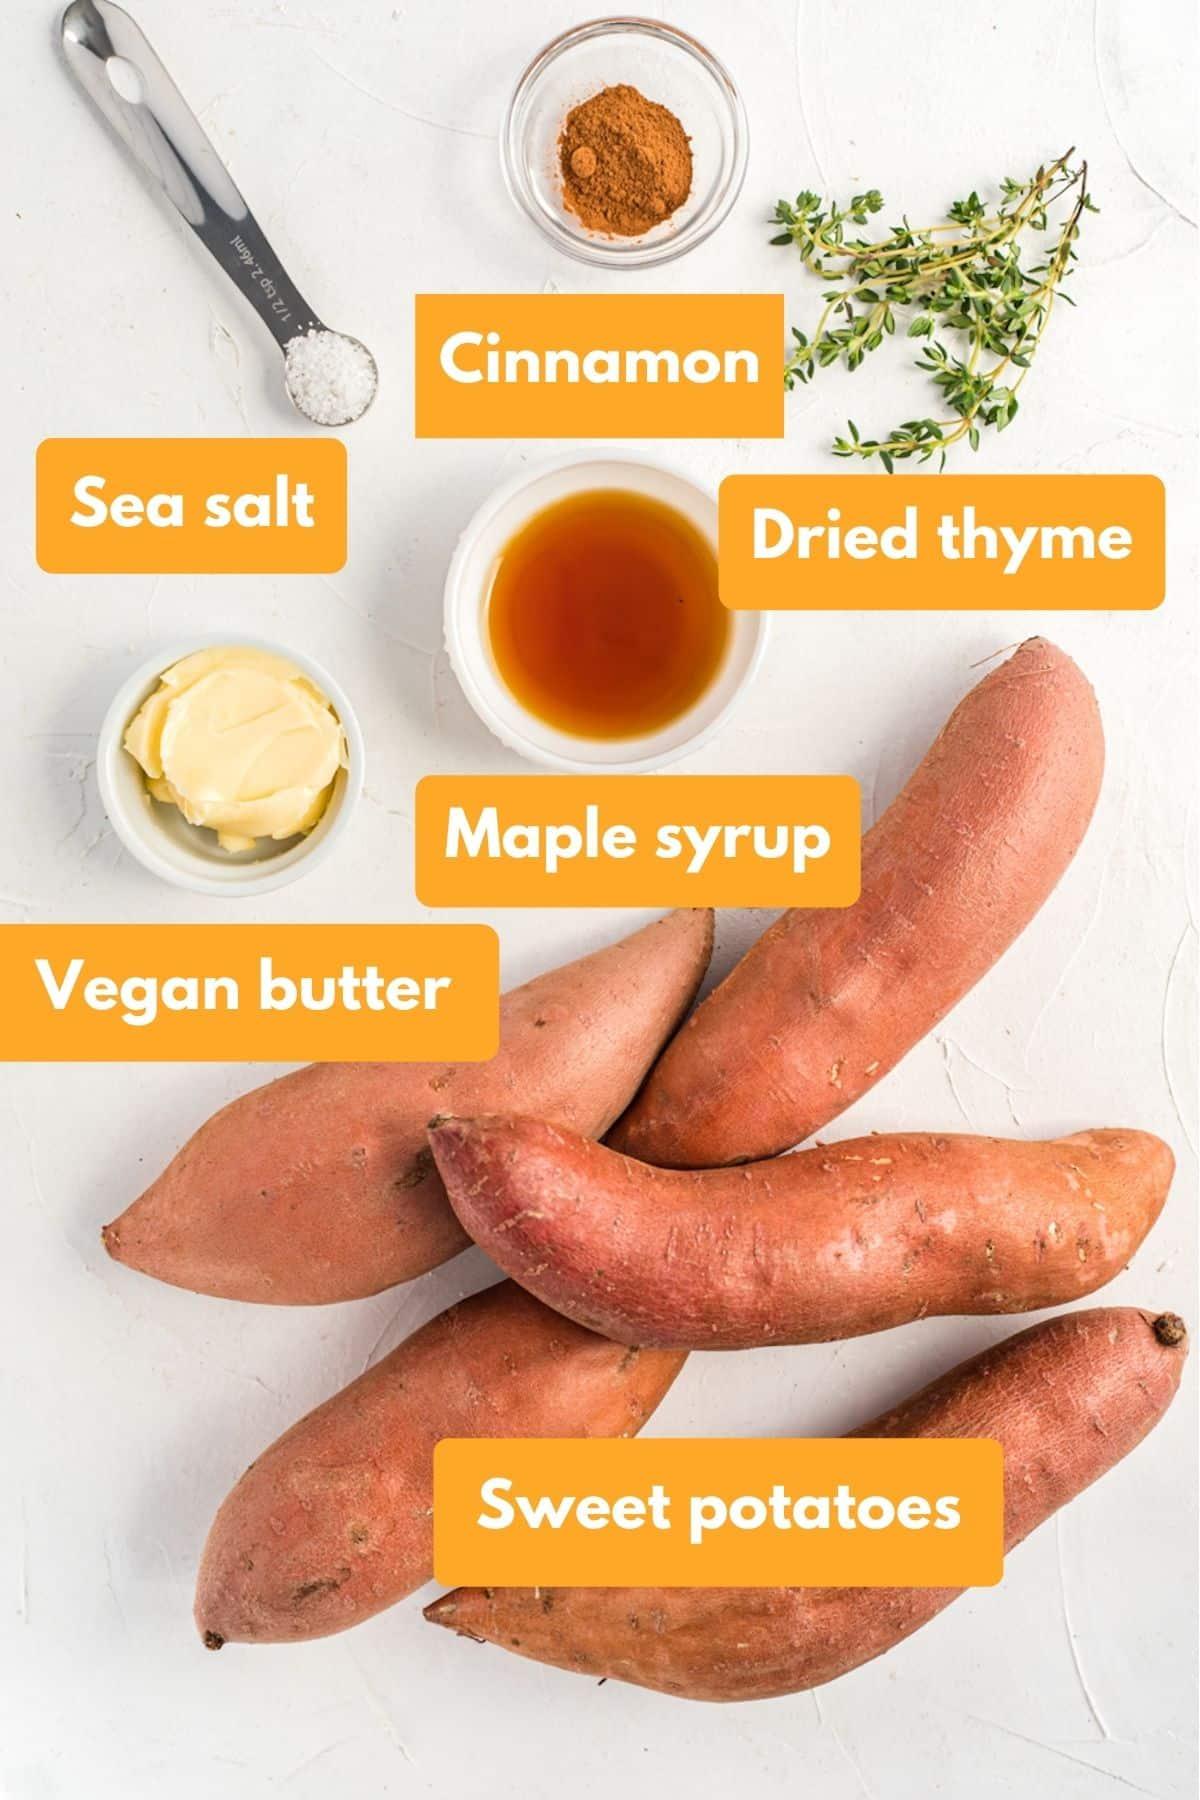 Ingredients for vegan mashed sweet potatoes